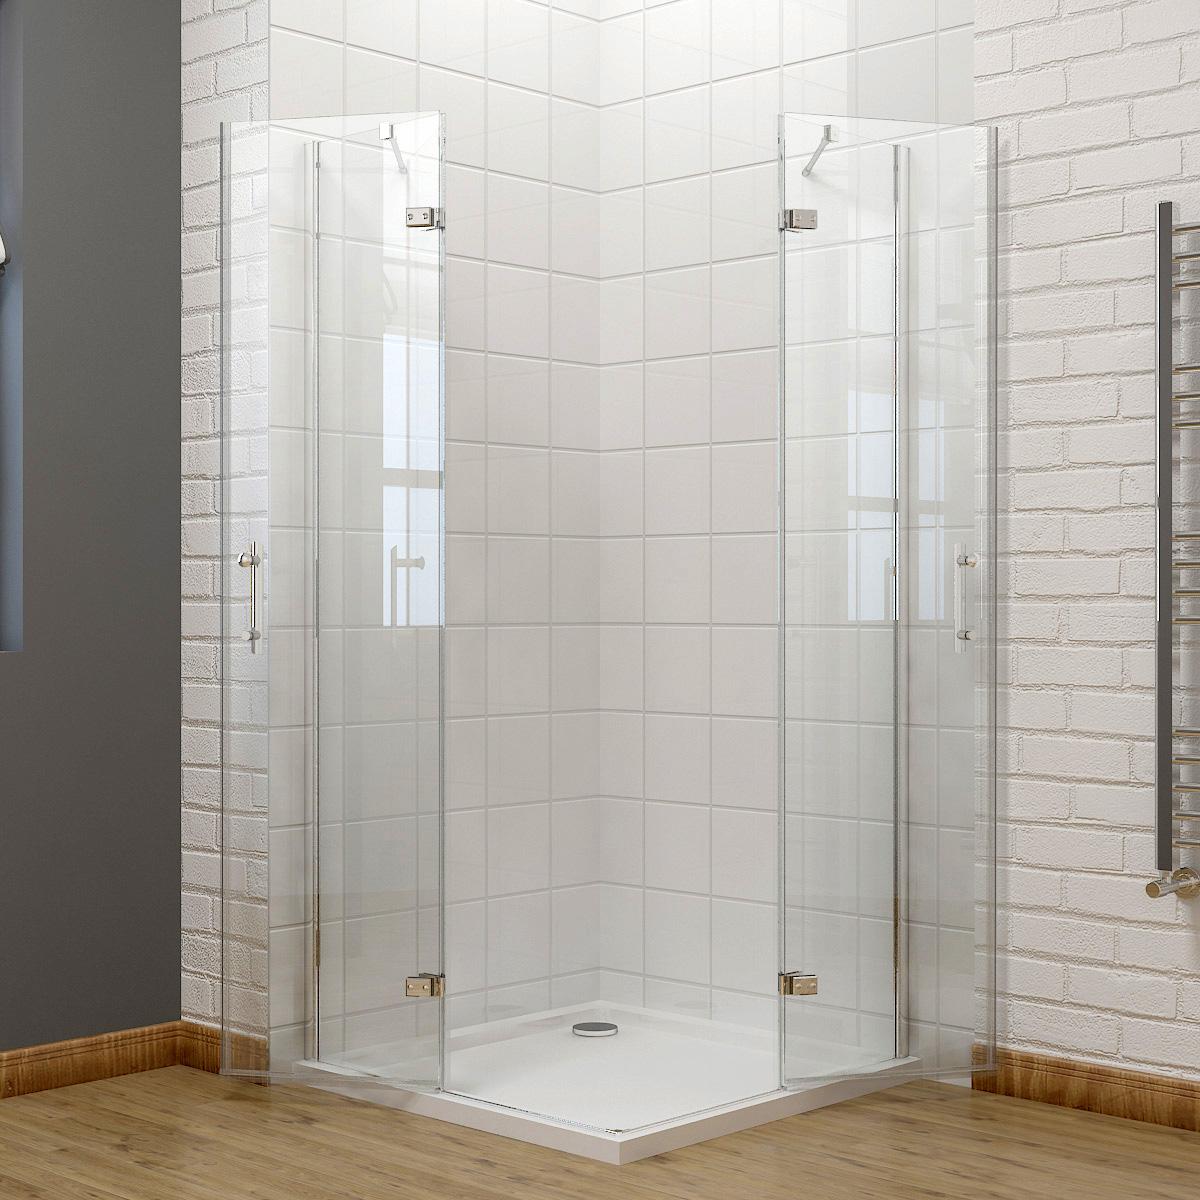 Frameless Hinge Corner Entry Shower Enclosure Glass Screen